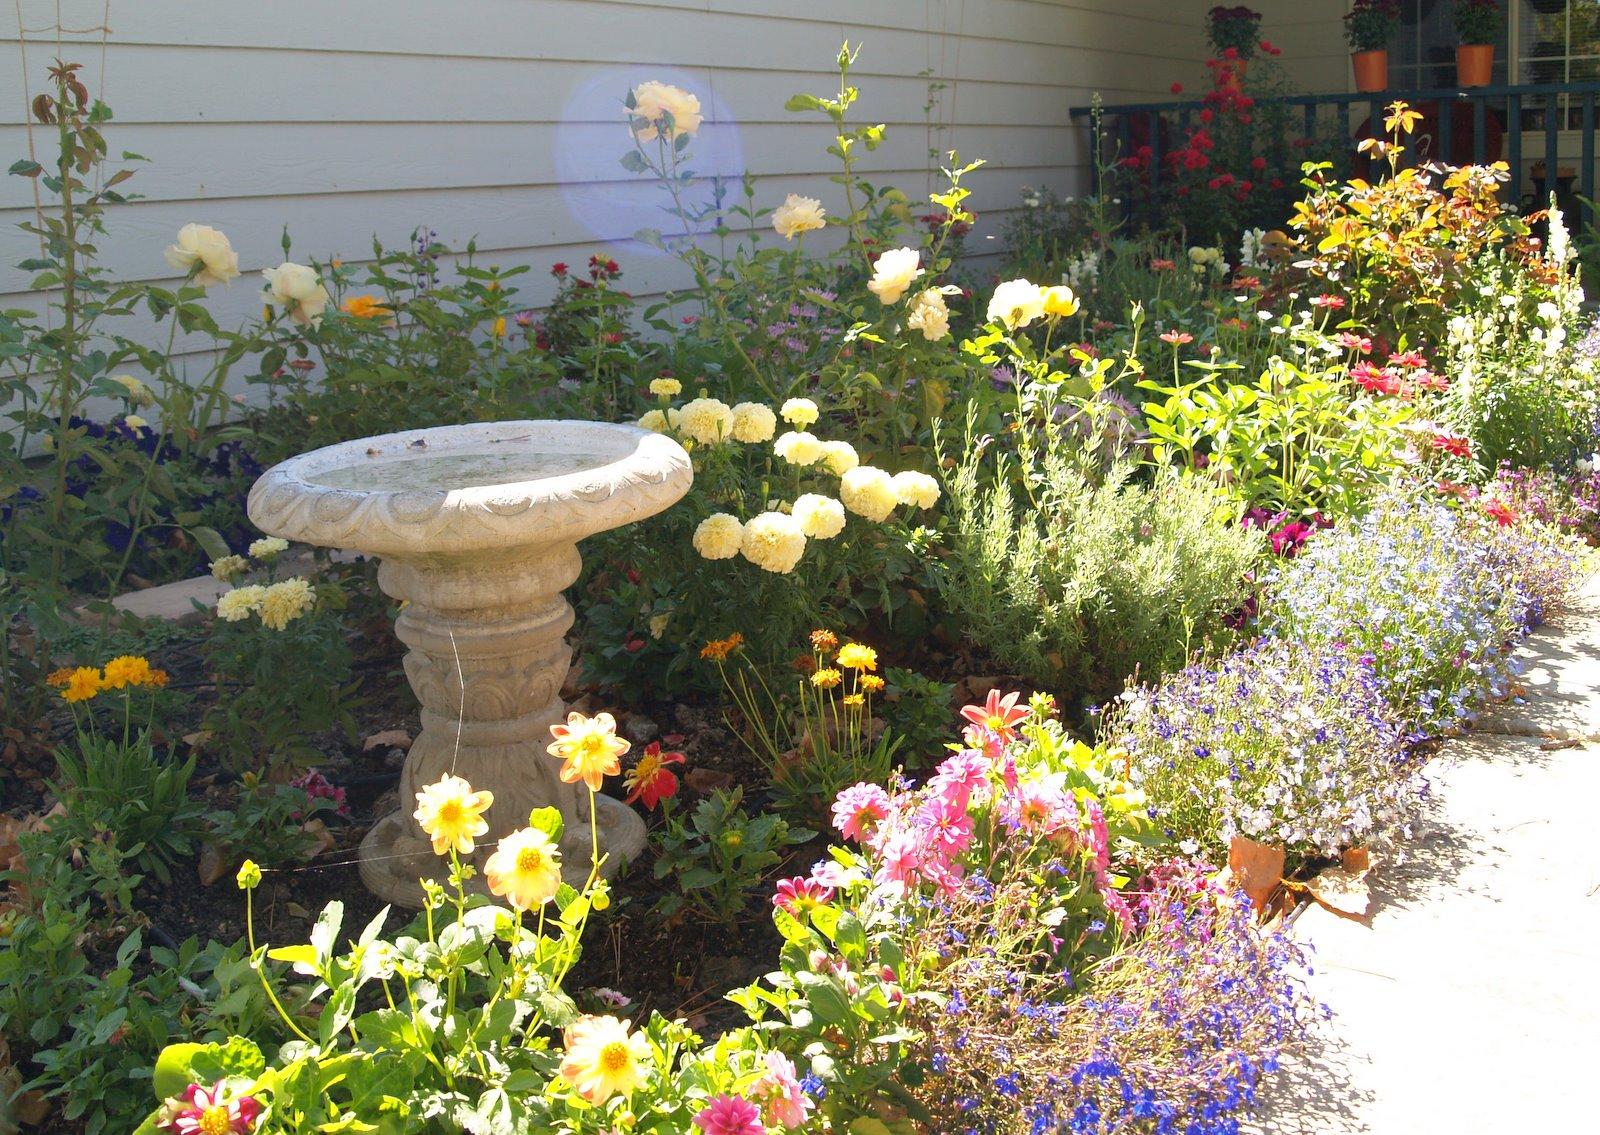 Fun Flower Garden : Charming cozy cottage garden fun seeds to start in fall